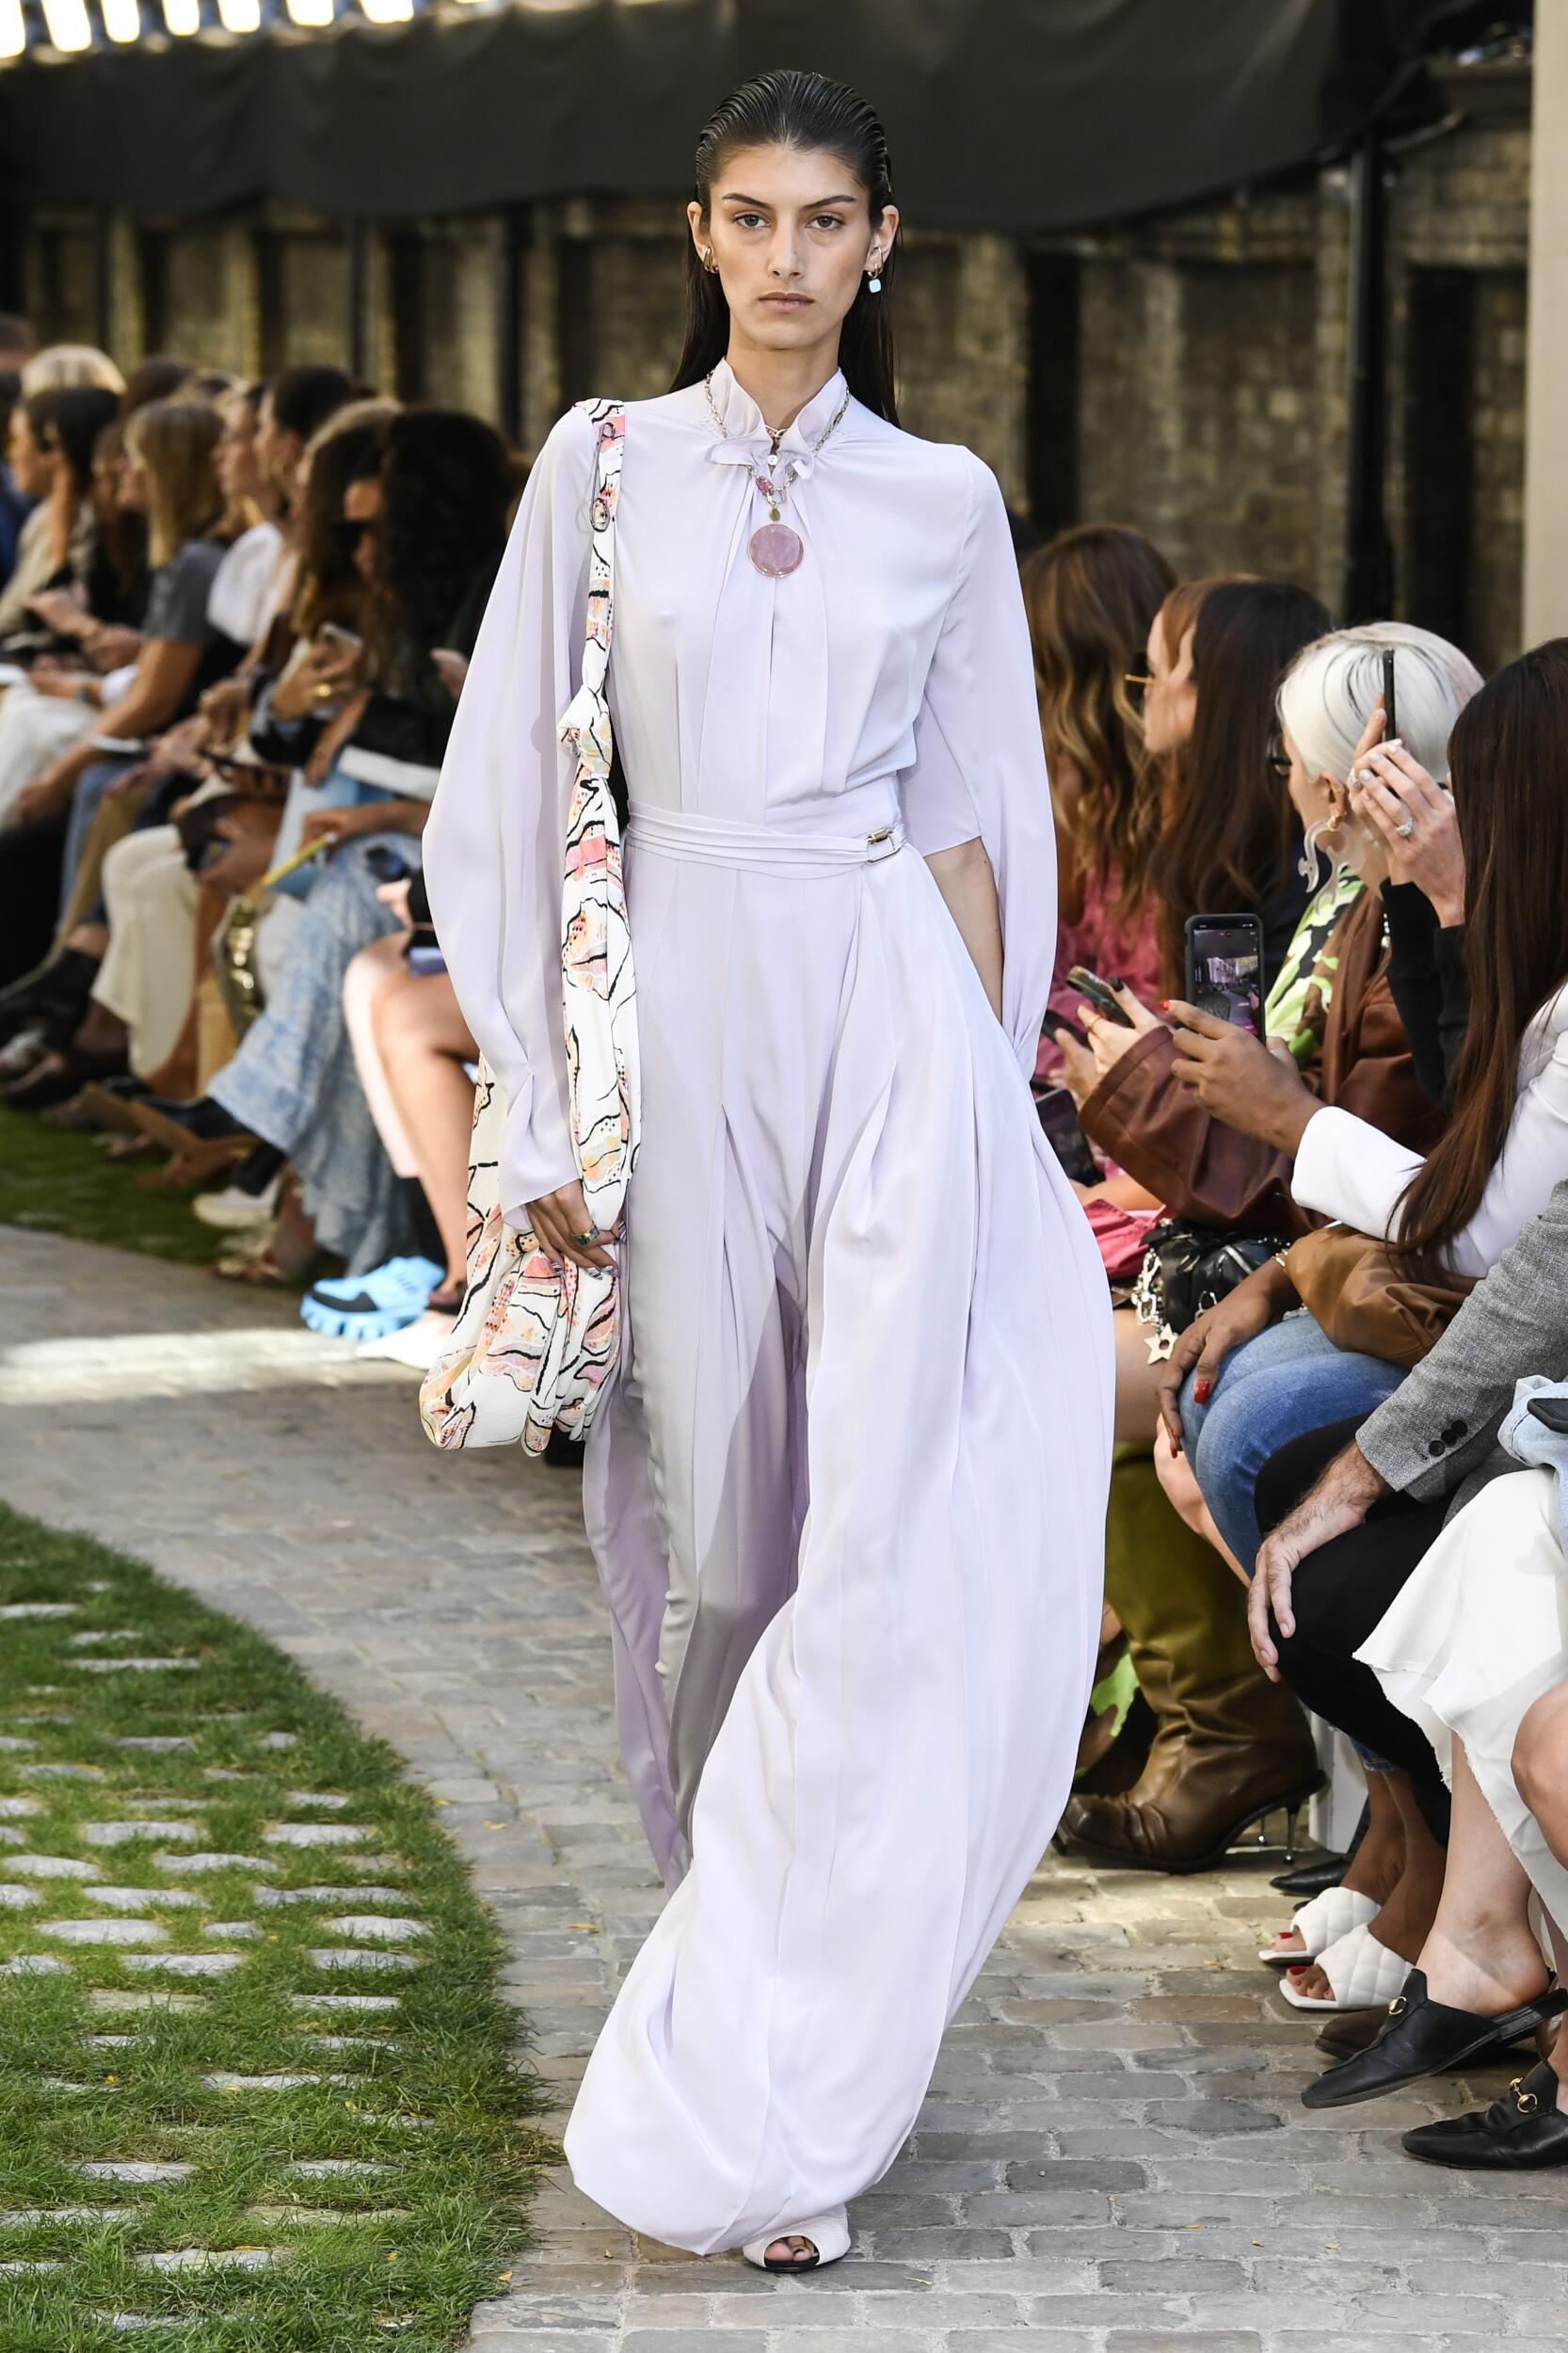 Fashion Model Woman Roland Mouret Catwalk